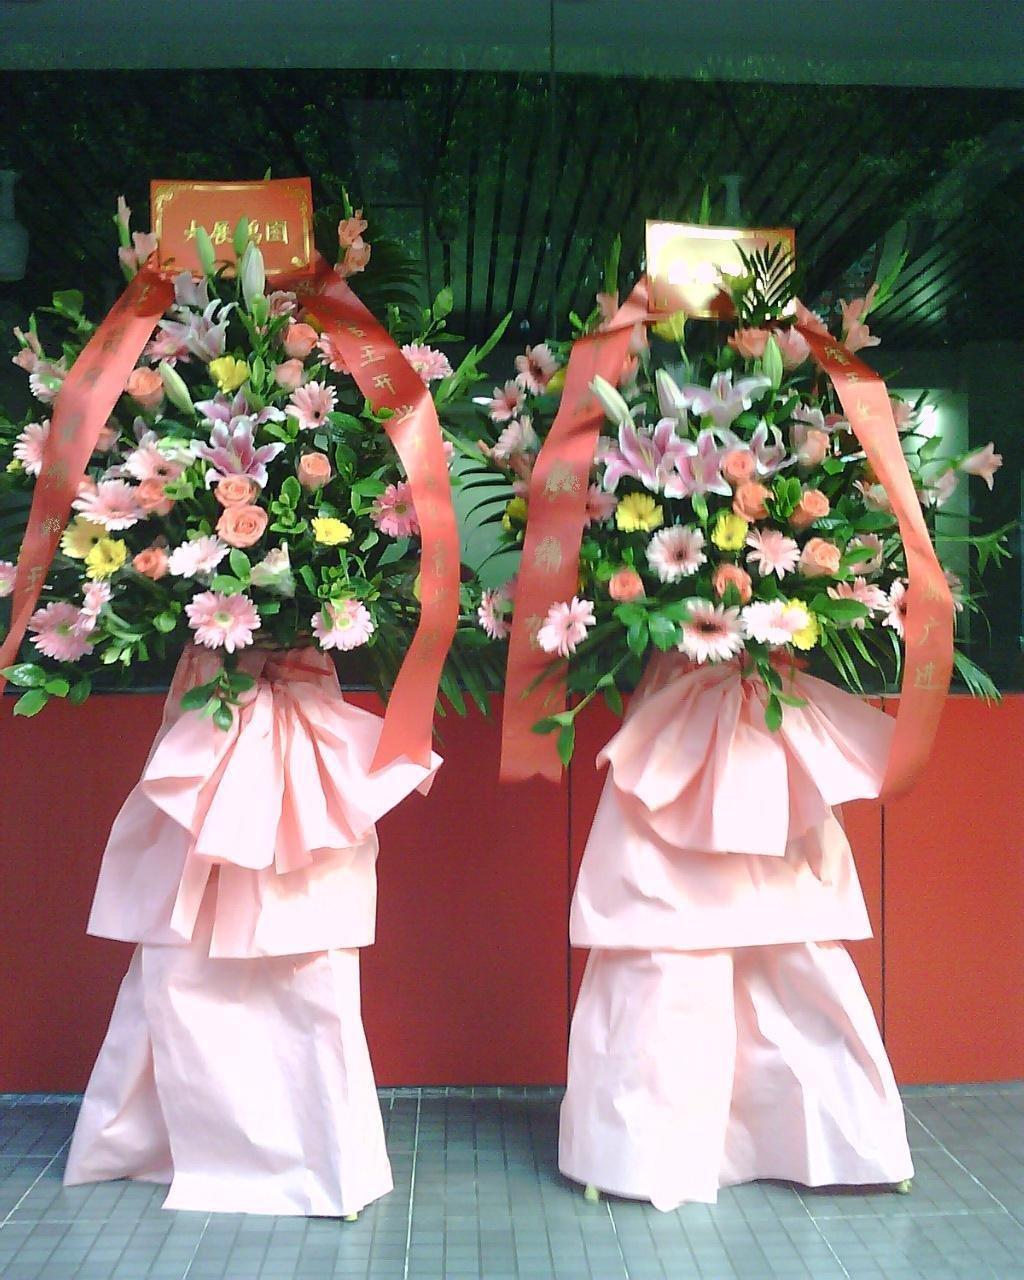 石夏兰豪华开业,庆典,鲜花花篮,1米6高开业花篮,送朋友开张花篮鲜花图片展示。